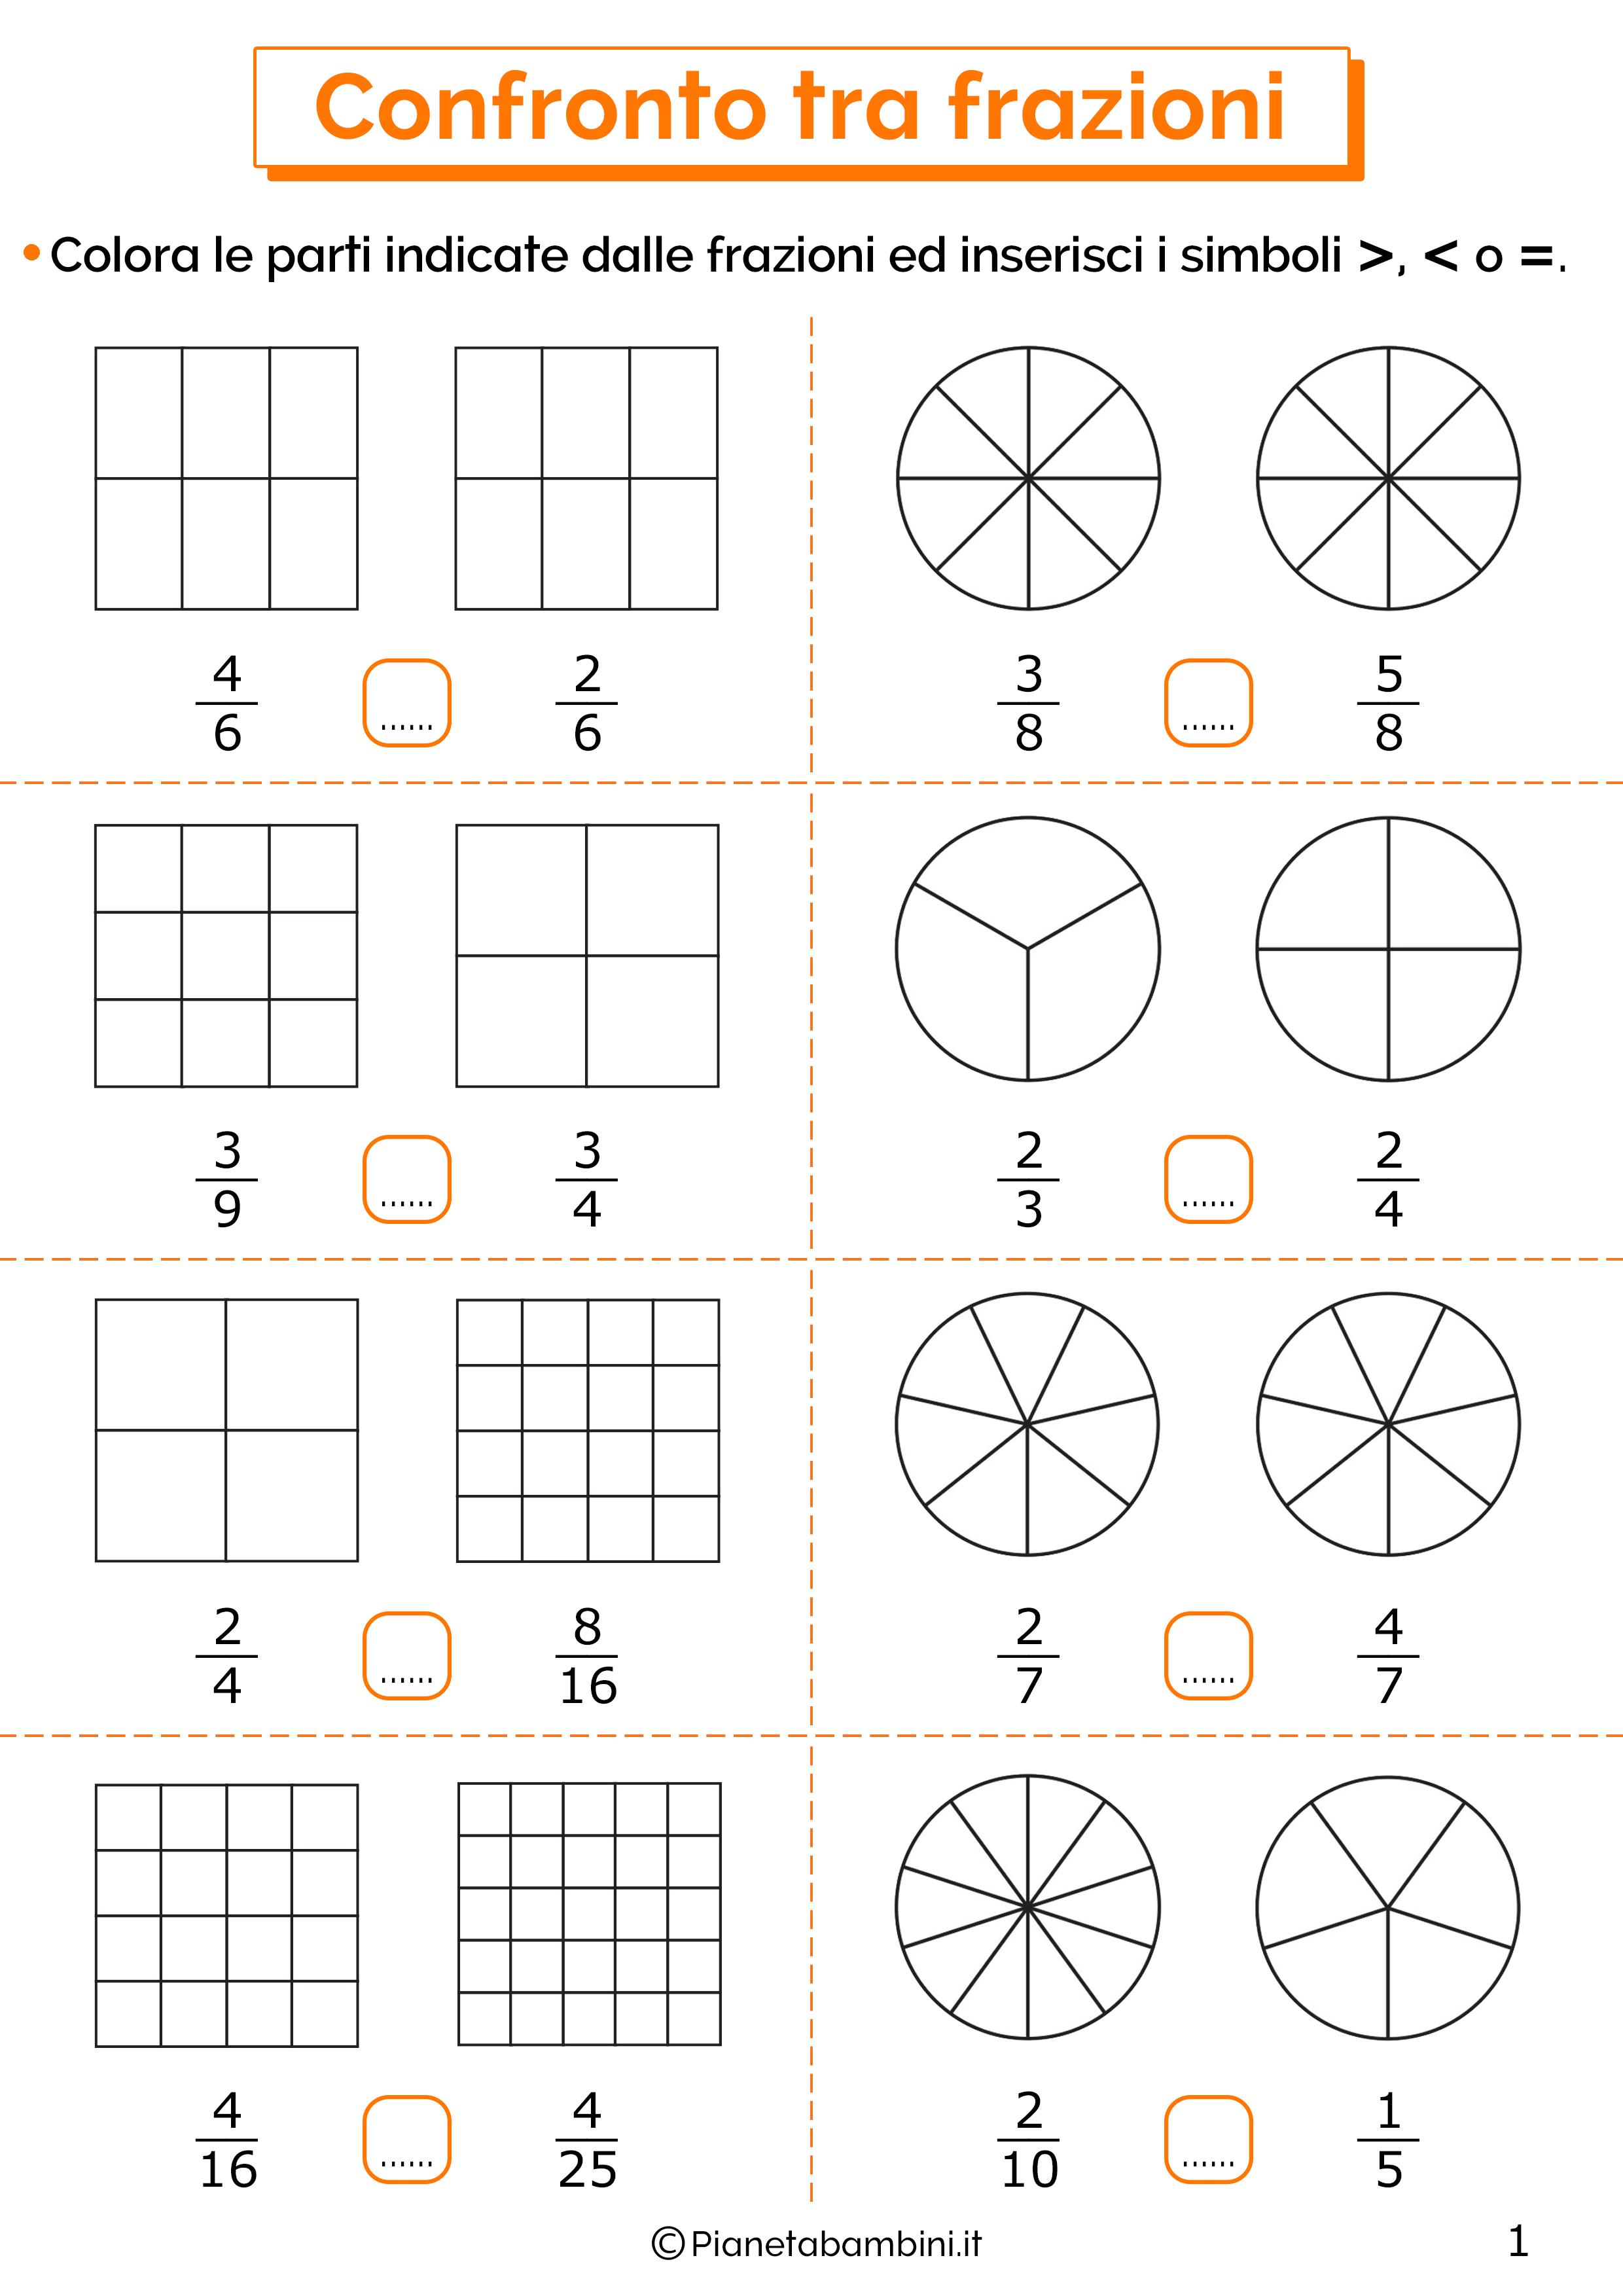 Esercizi sul confronto tra frazioni 1